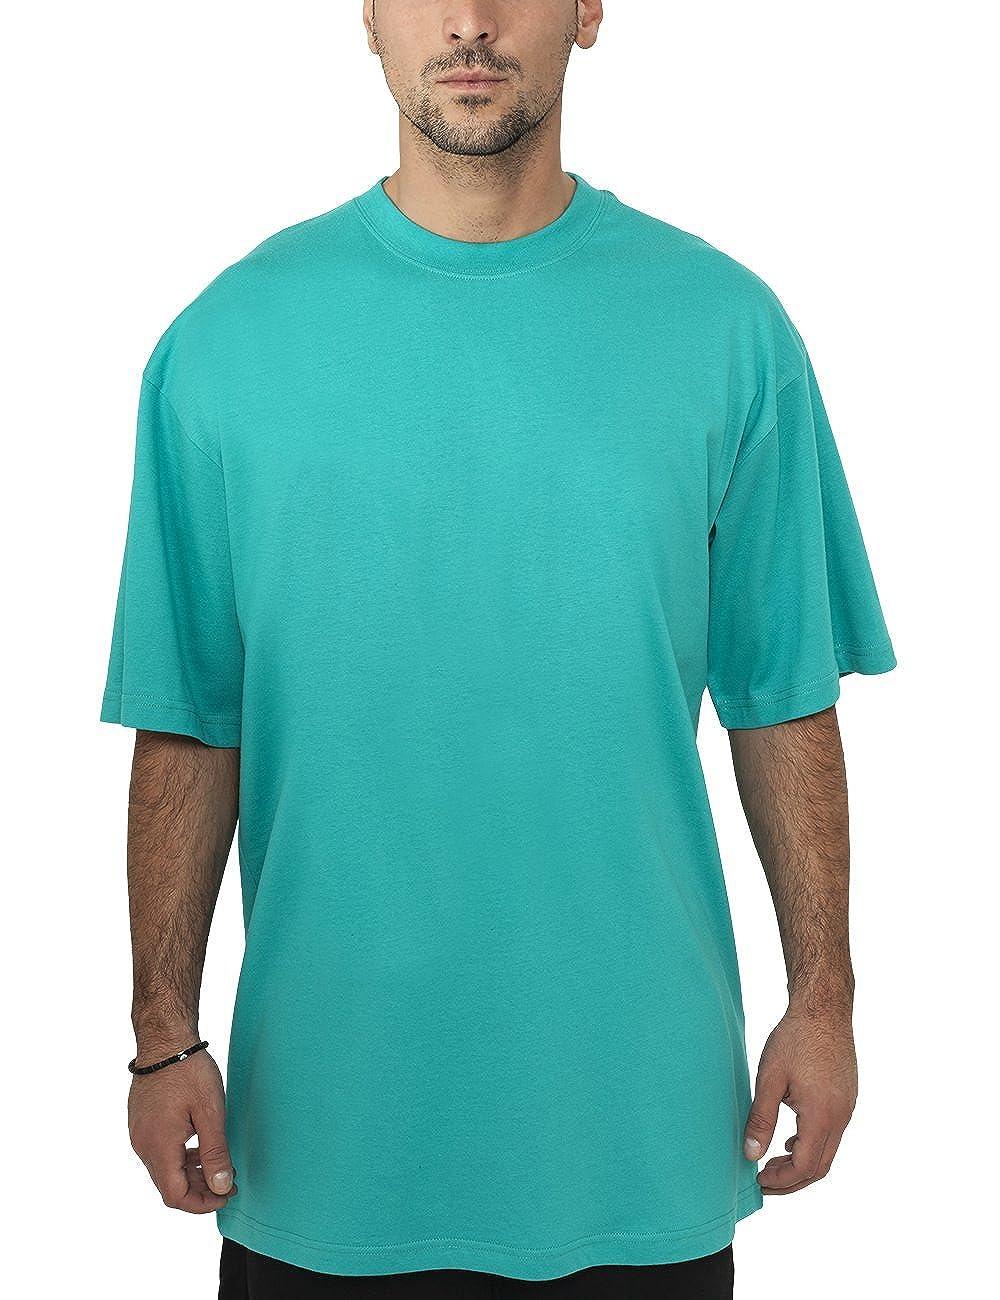 Urban Classics Herren T-Shirt Tall Tee TB006